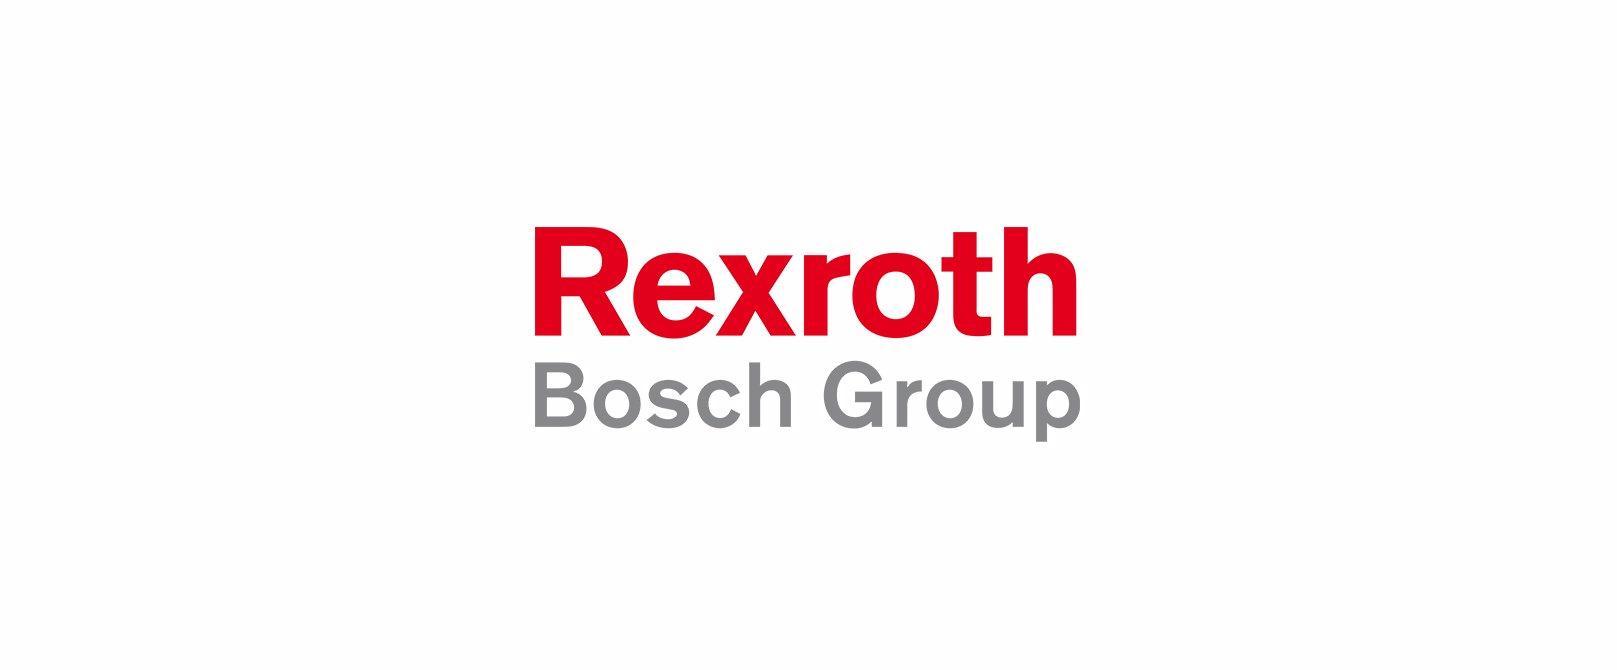 Bosch Rexroth hittar den motiverade och kunniga städfirma de sökt i Stockholms Städsystem